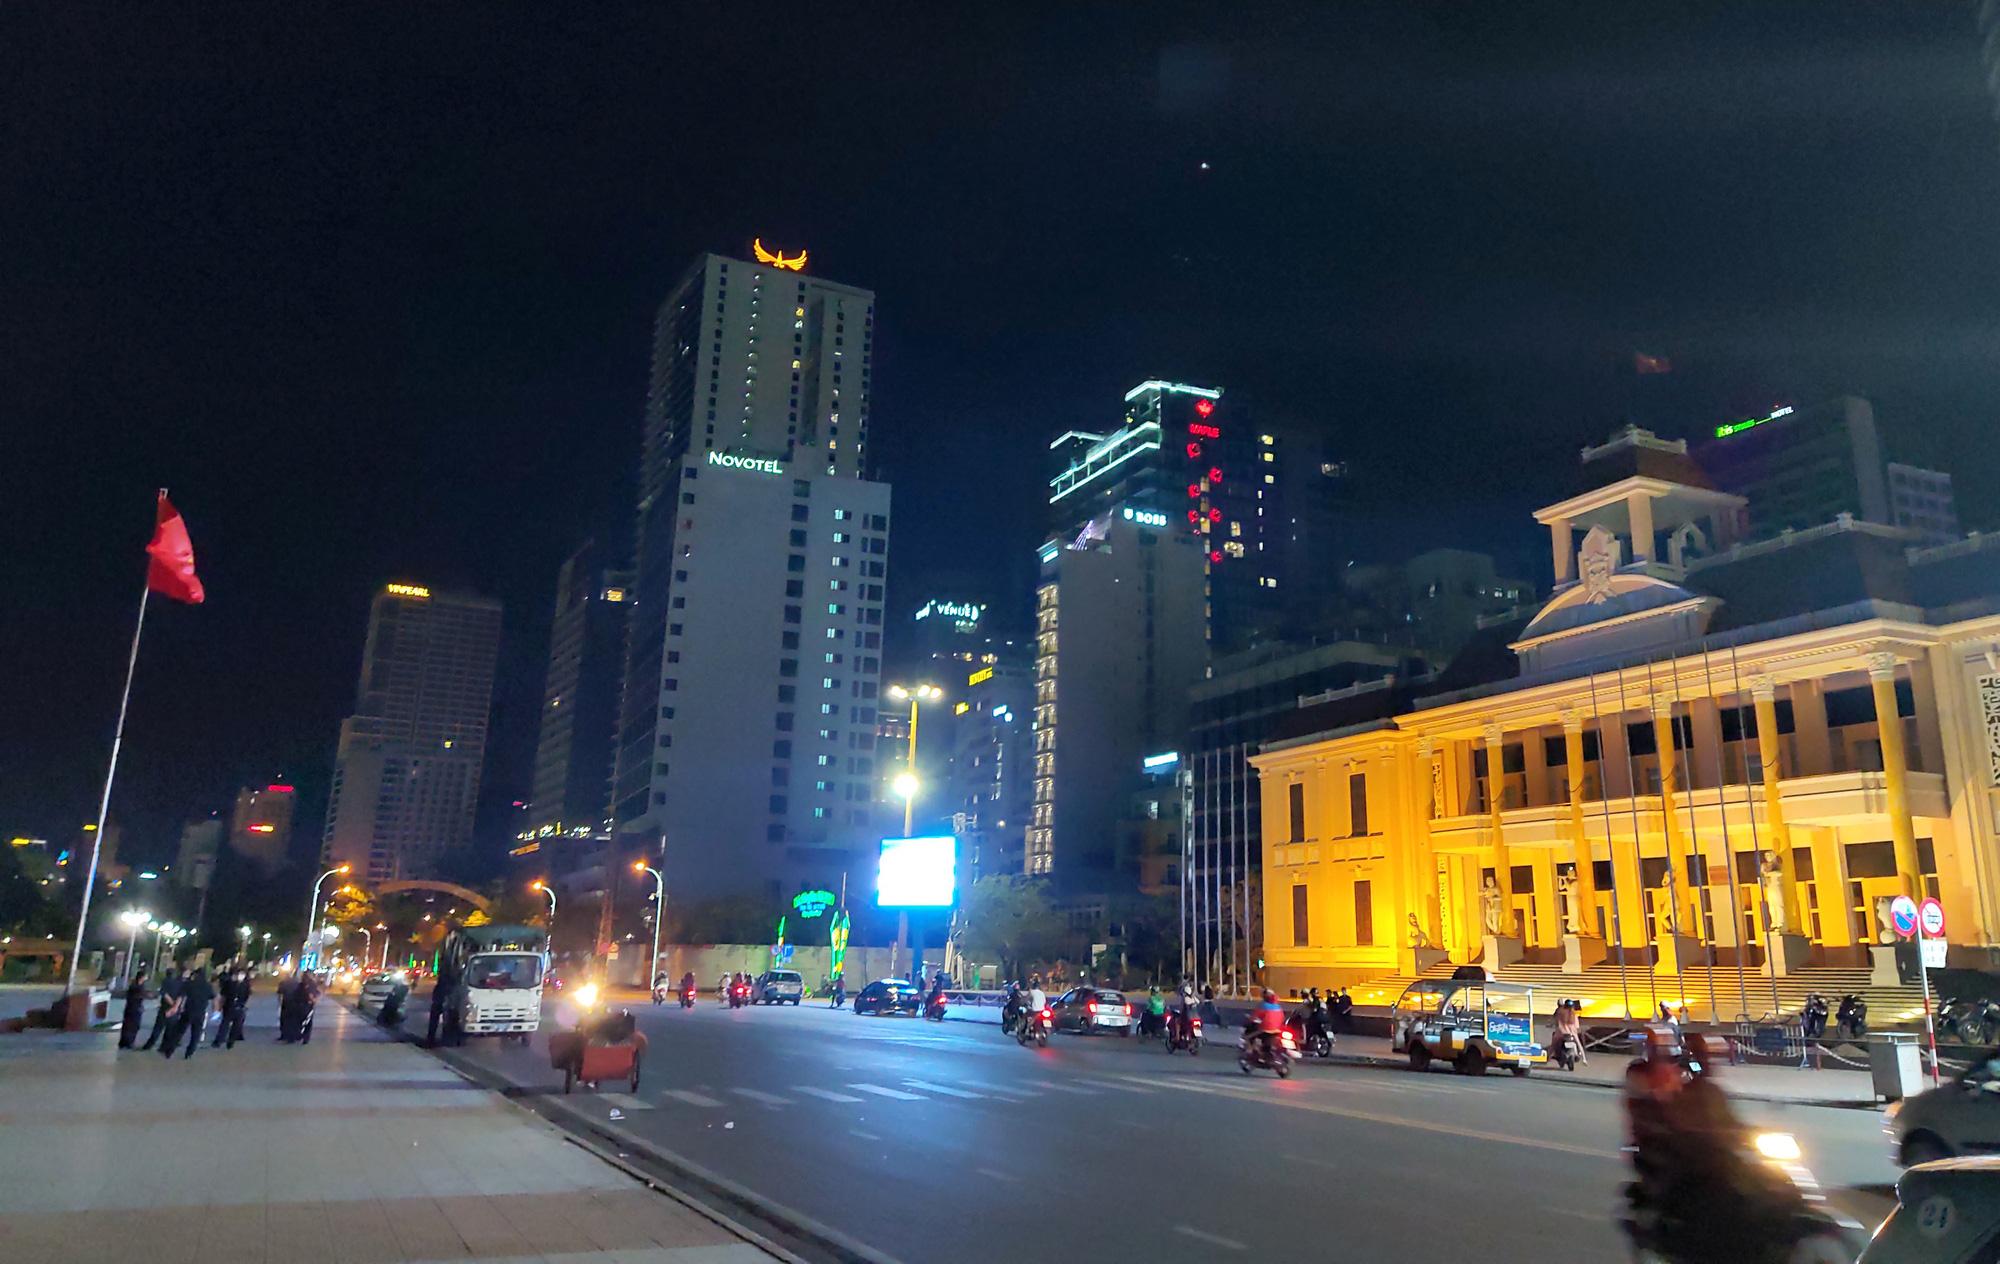 Doanh thu du lịch Khánh Hòa giảm hơn 50% - mức giảm chưa có tiền lệ từ trước đến nay - Ảnh 2.